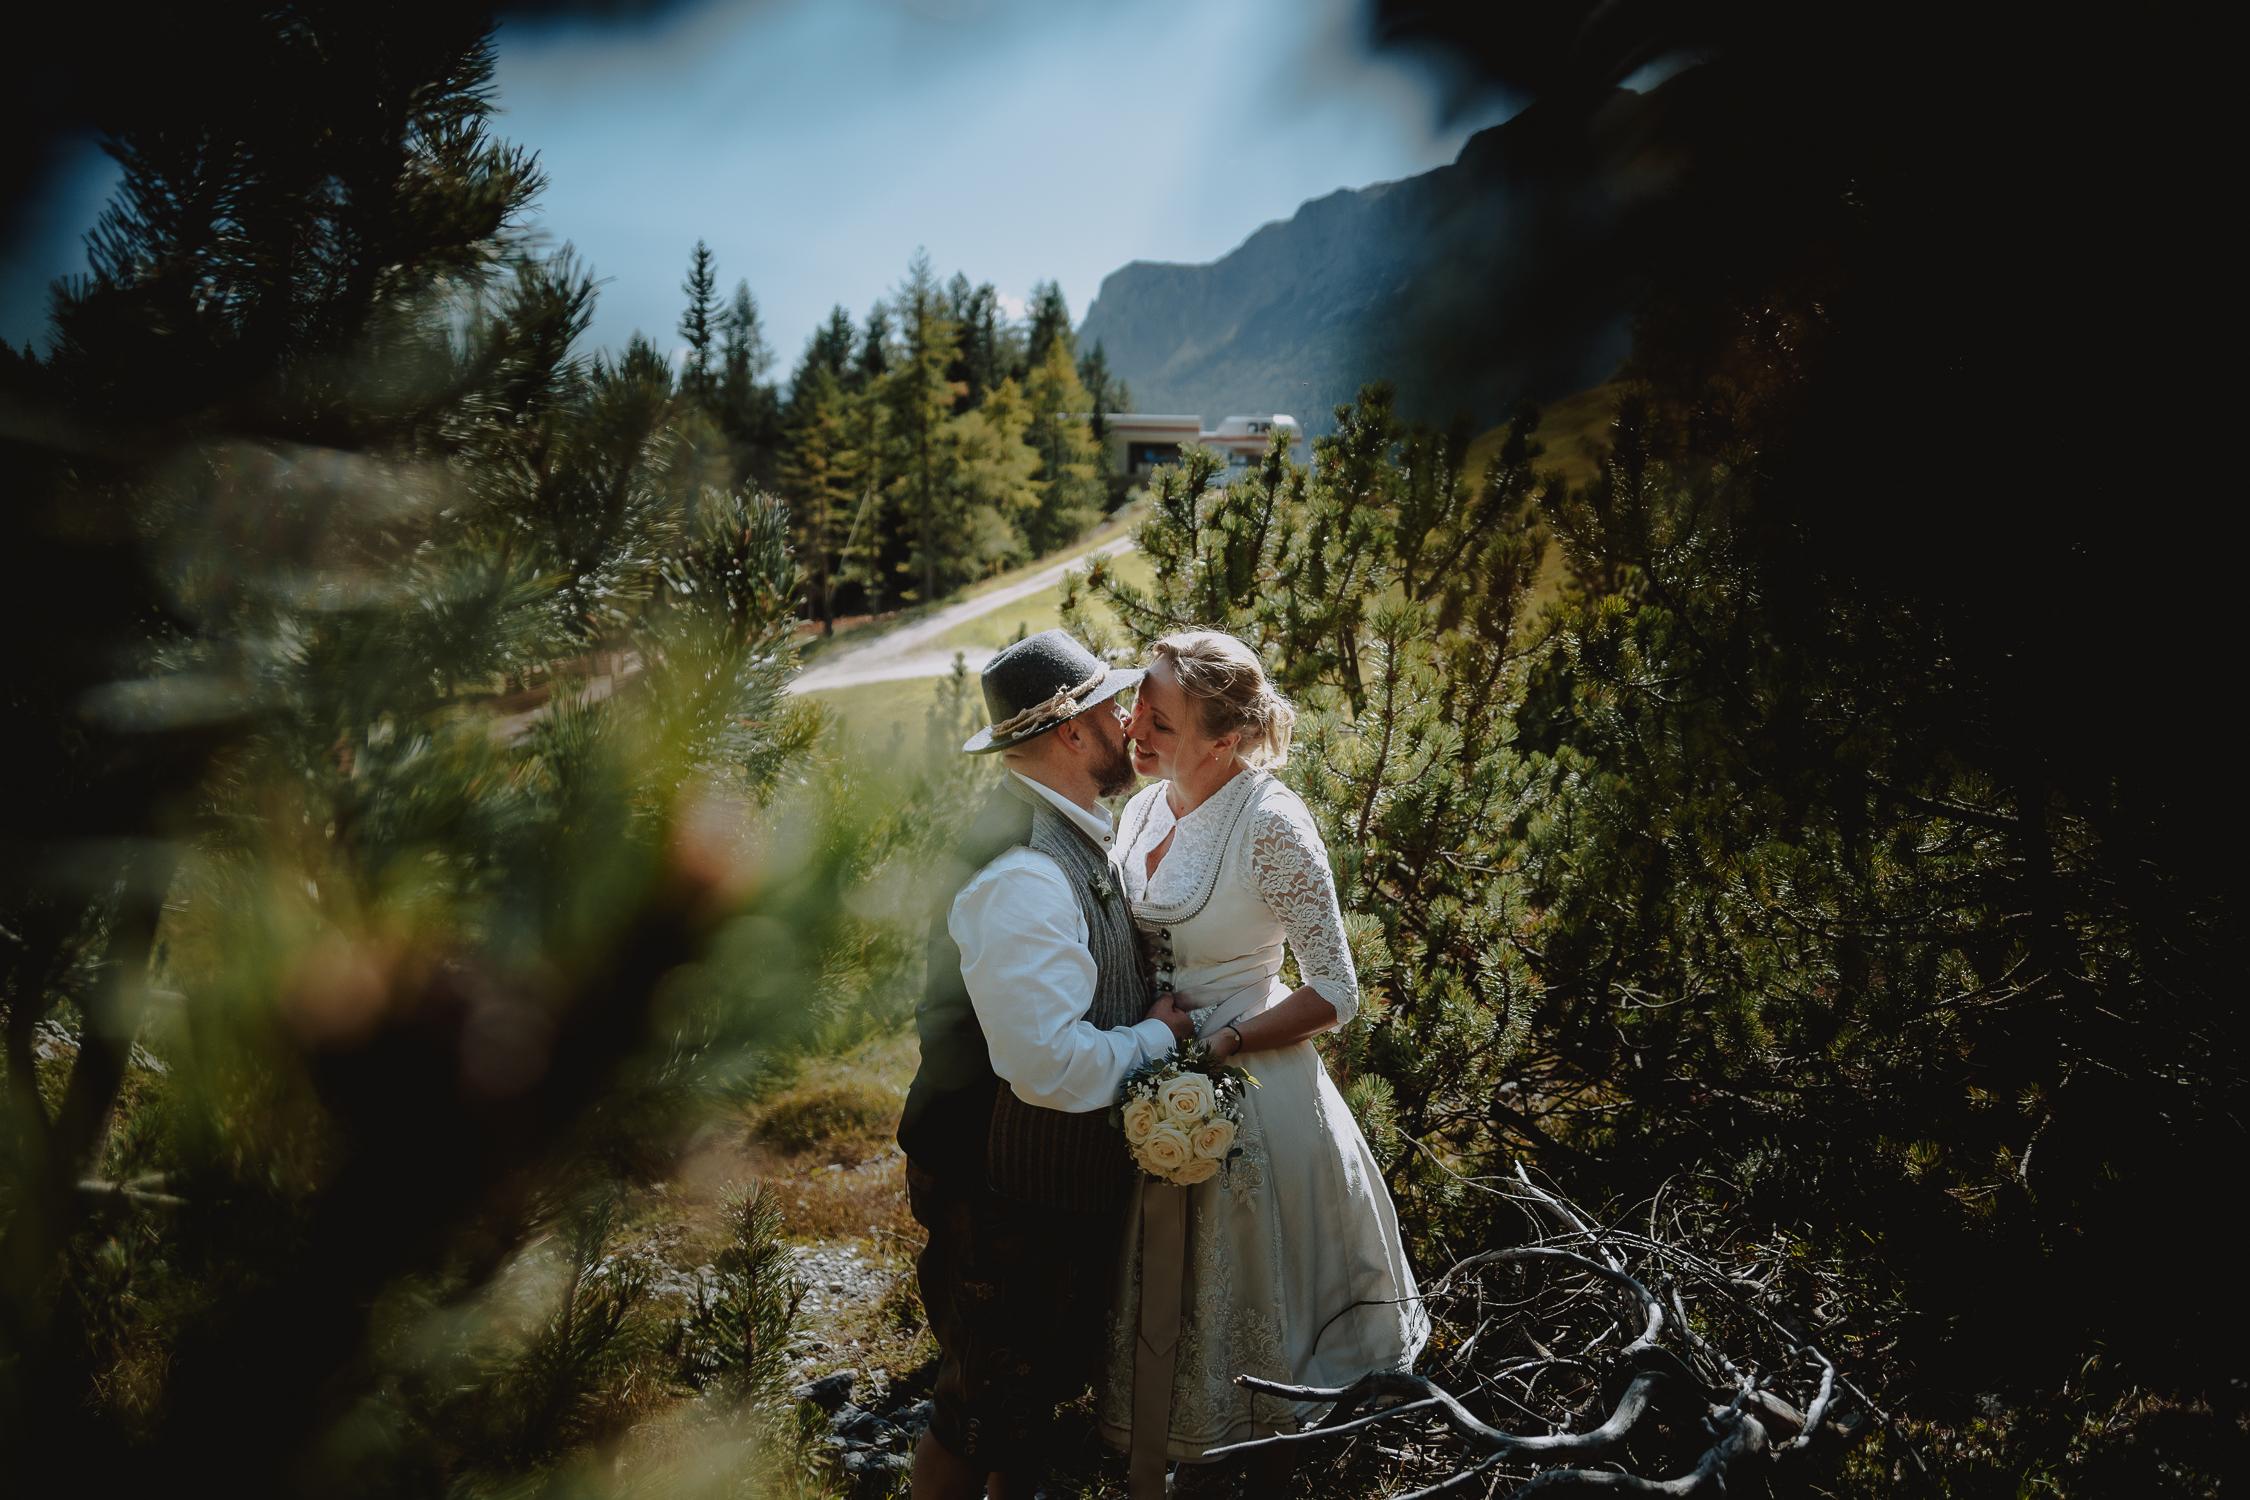 Matrimonio Intimo In Montagna